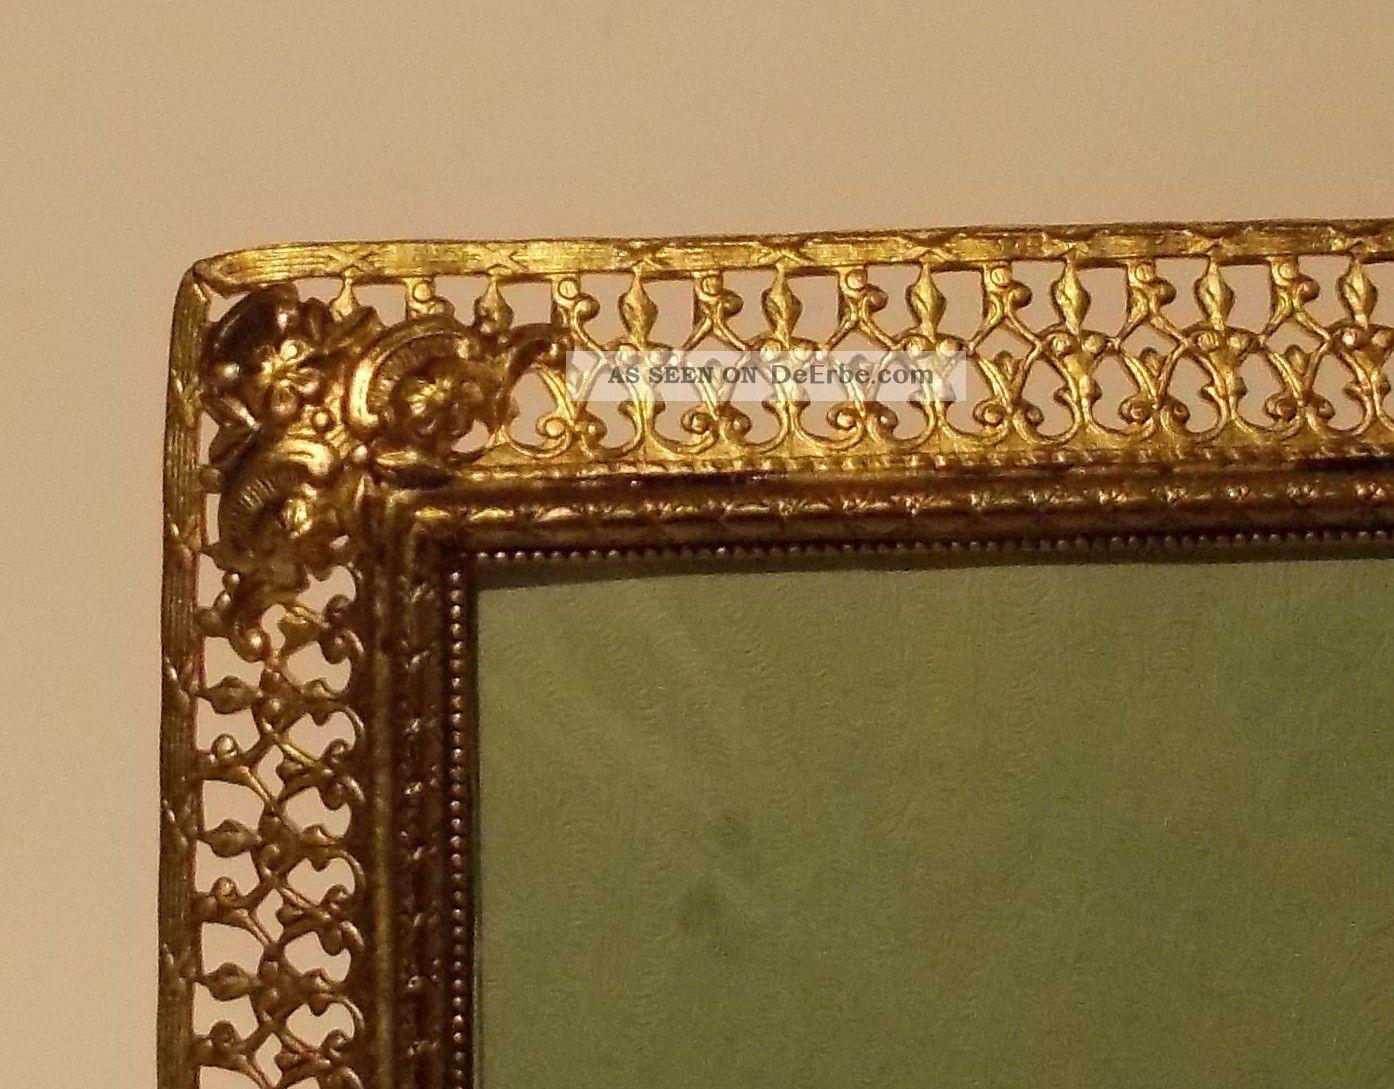 Alter Bilderrahmen 16, 5 X 11, 5 Cm Echt Bronze, Foto Rahmen ...